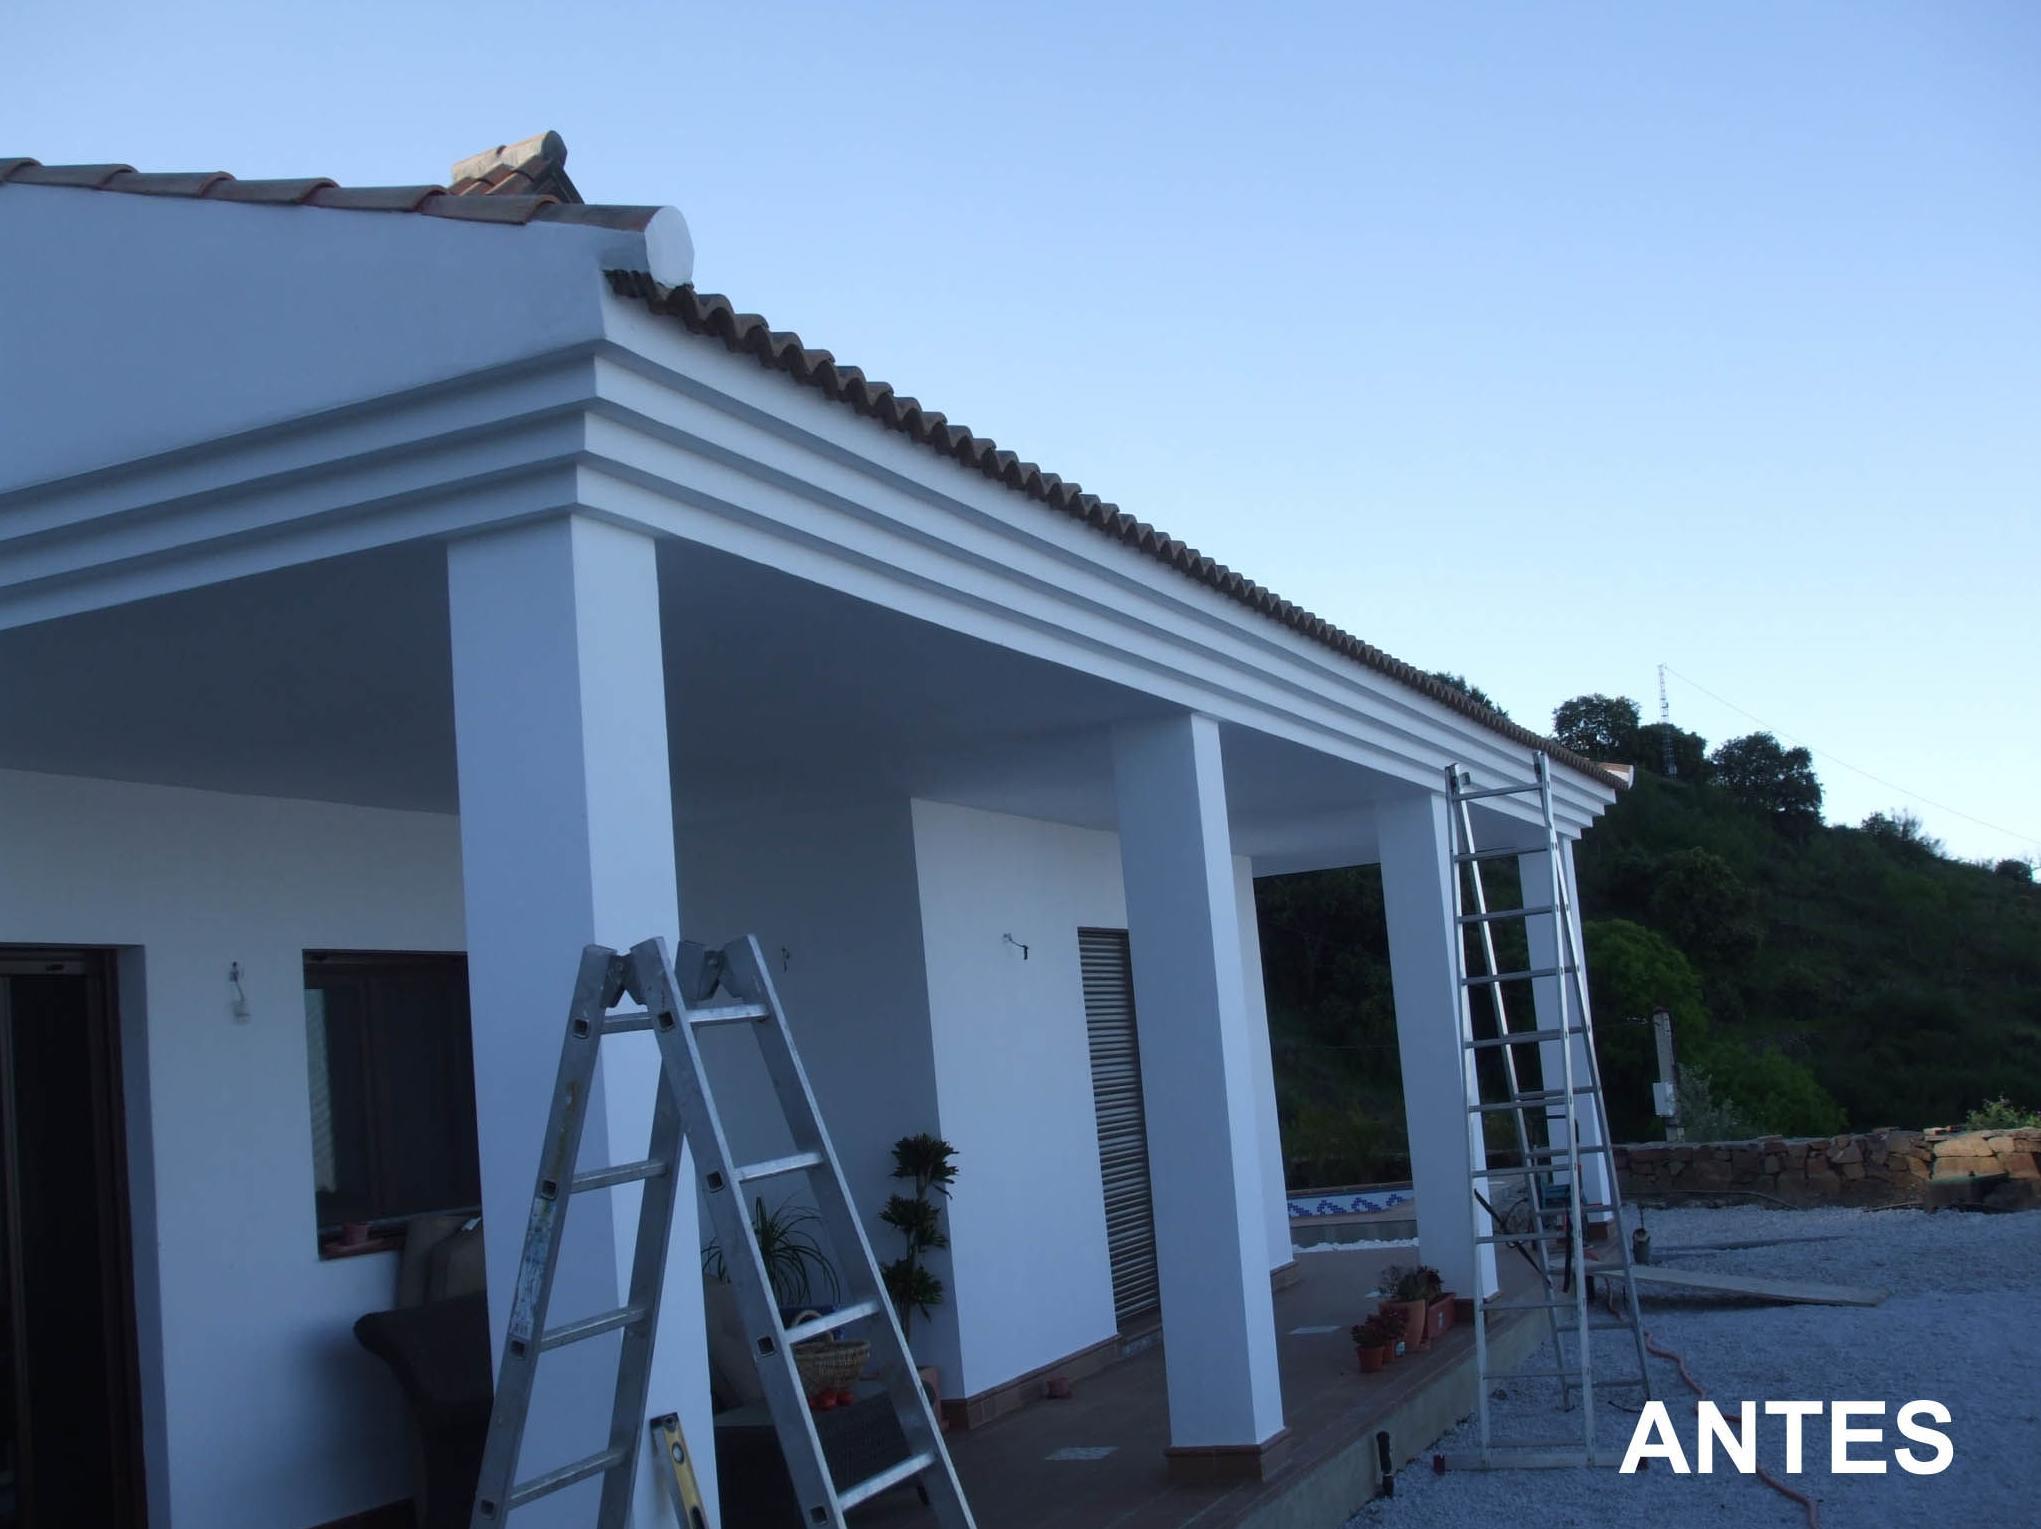 Antes de instalar canalones en una fachada